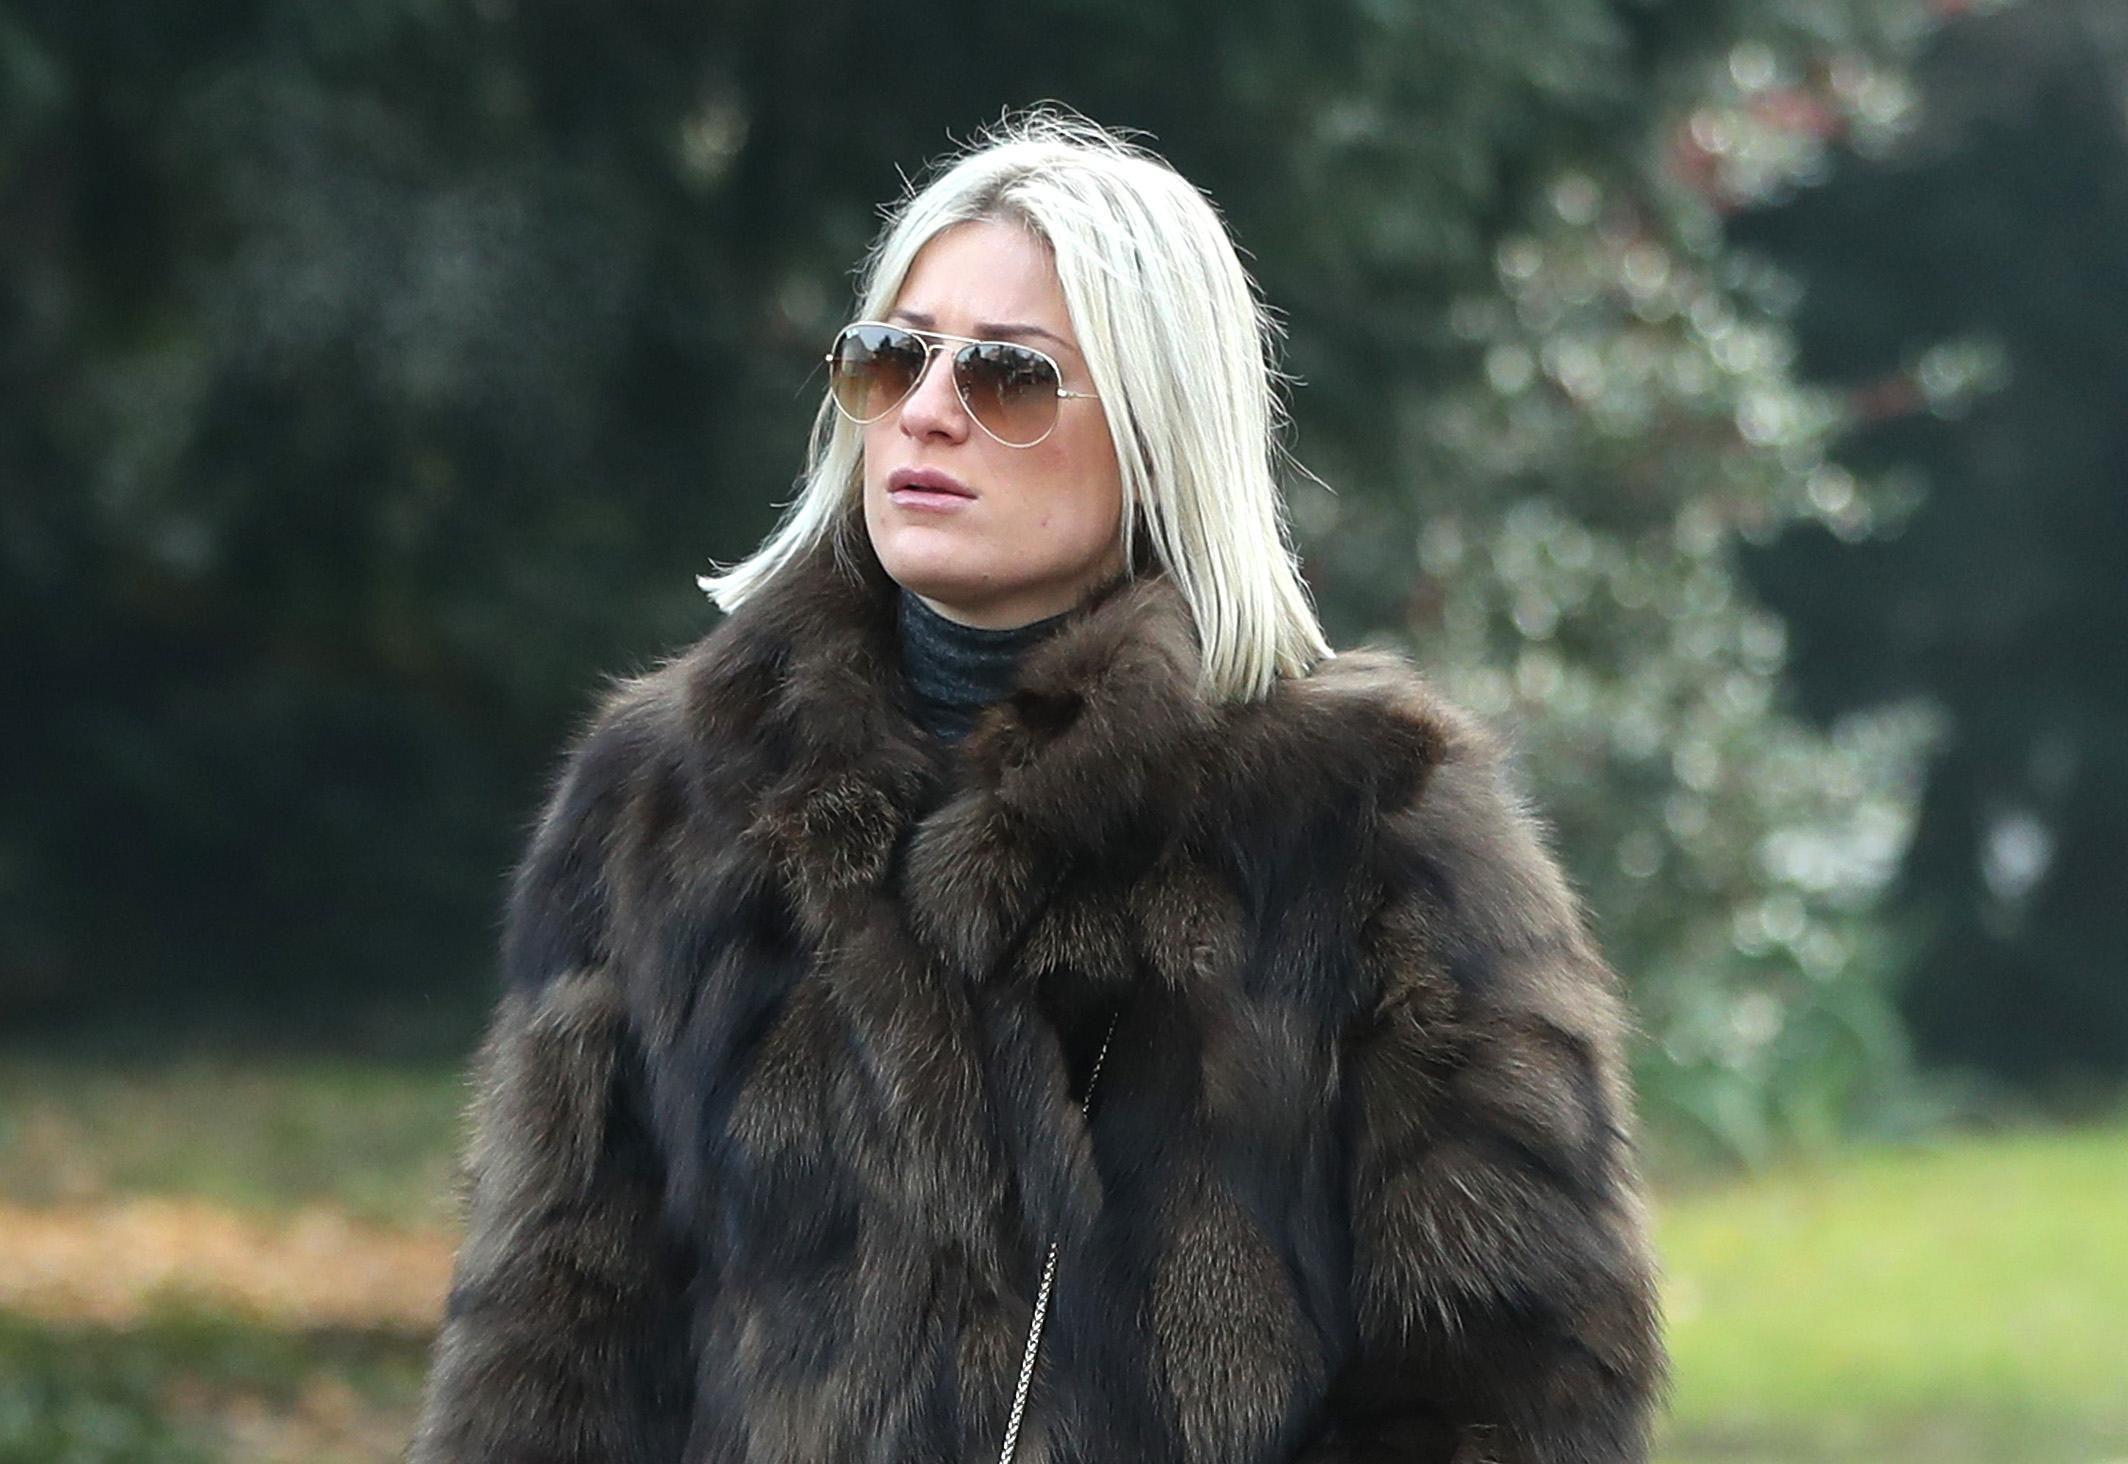 Lijepa plavuša ima modnu formulu za trendi kombinaciju u kojoj nema zime